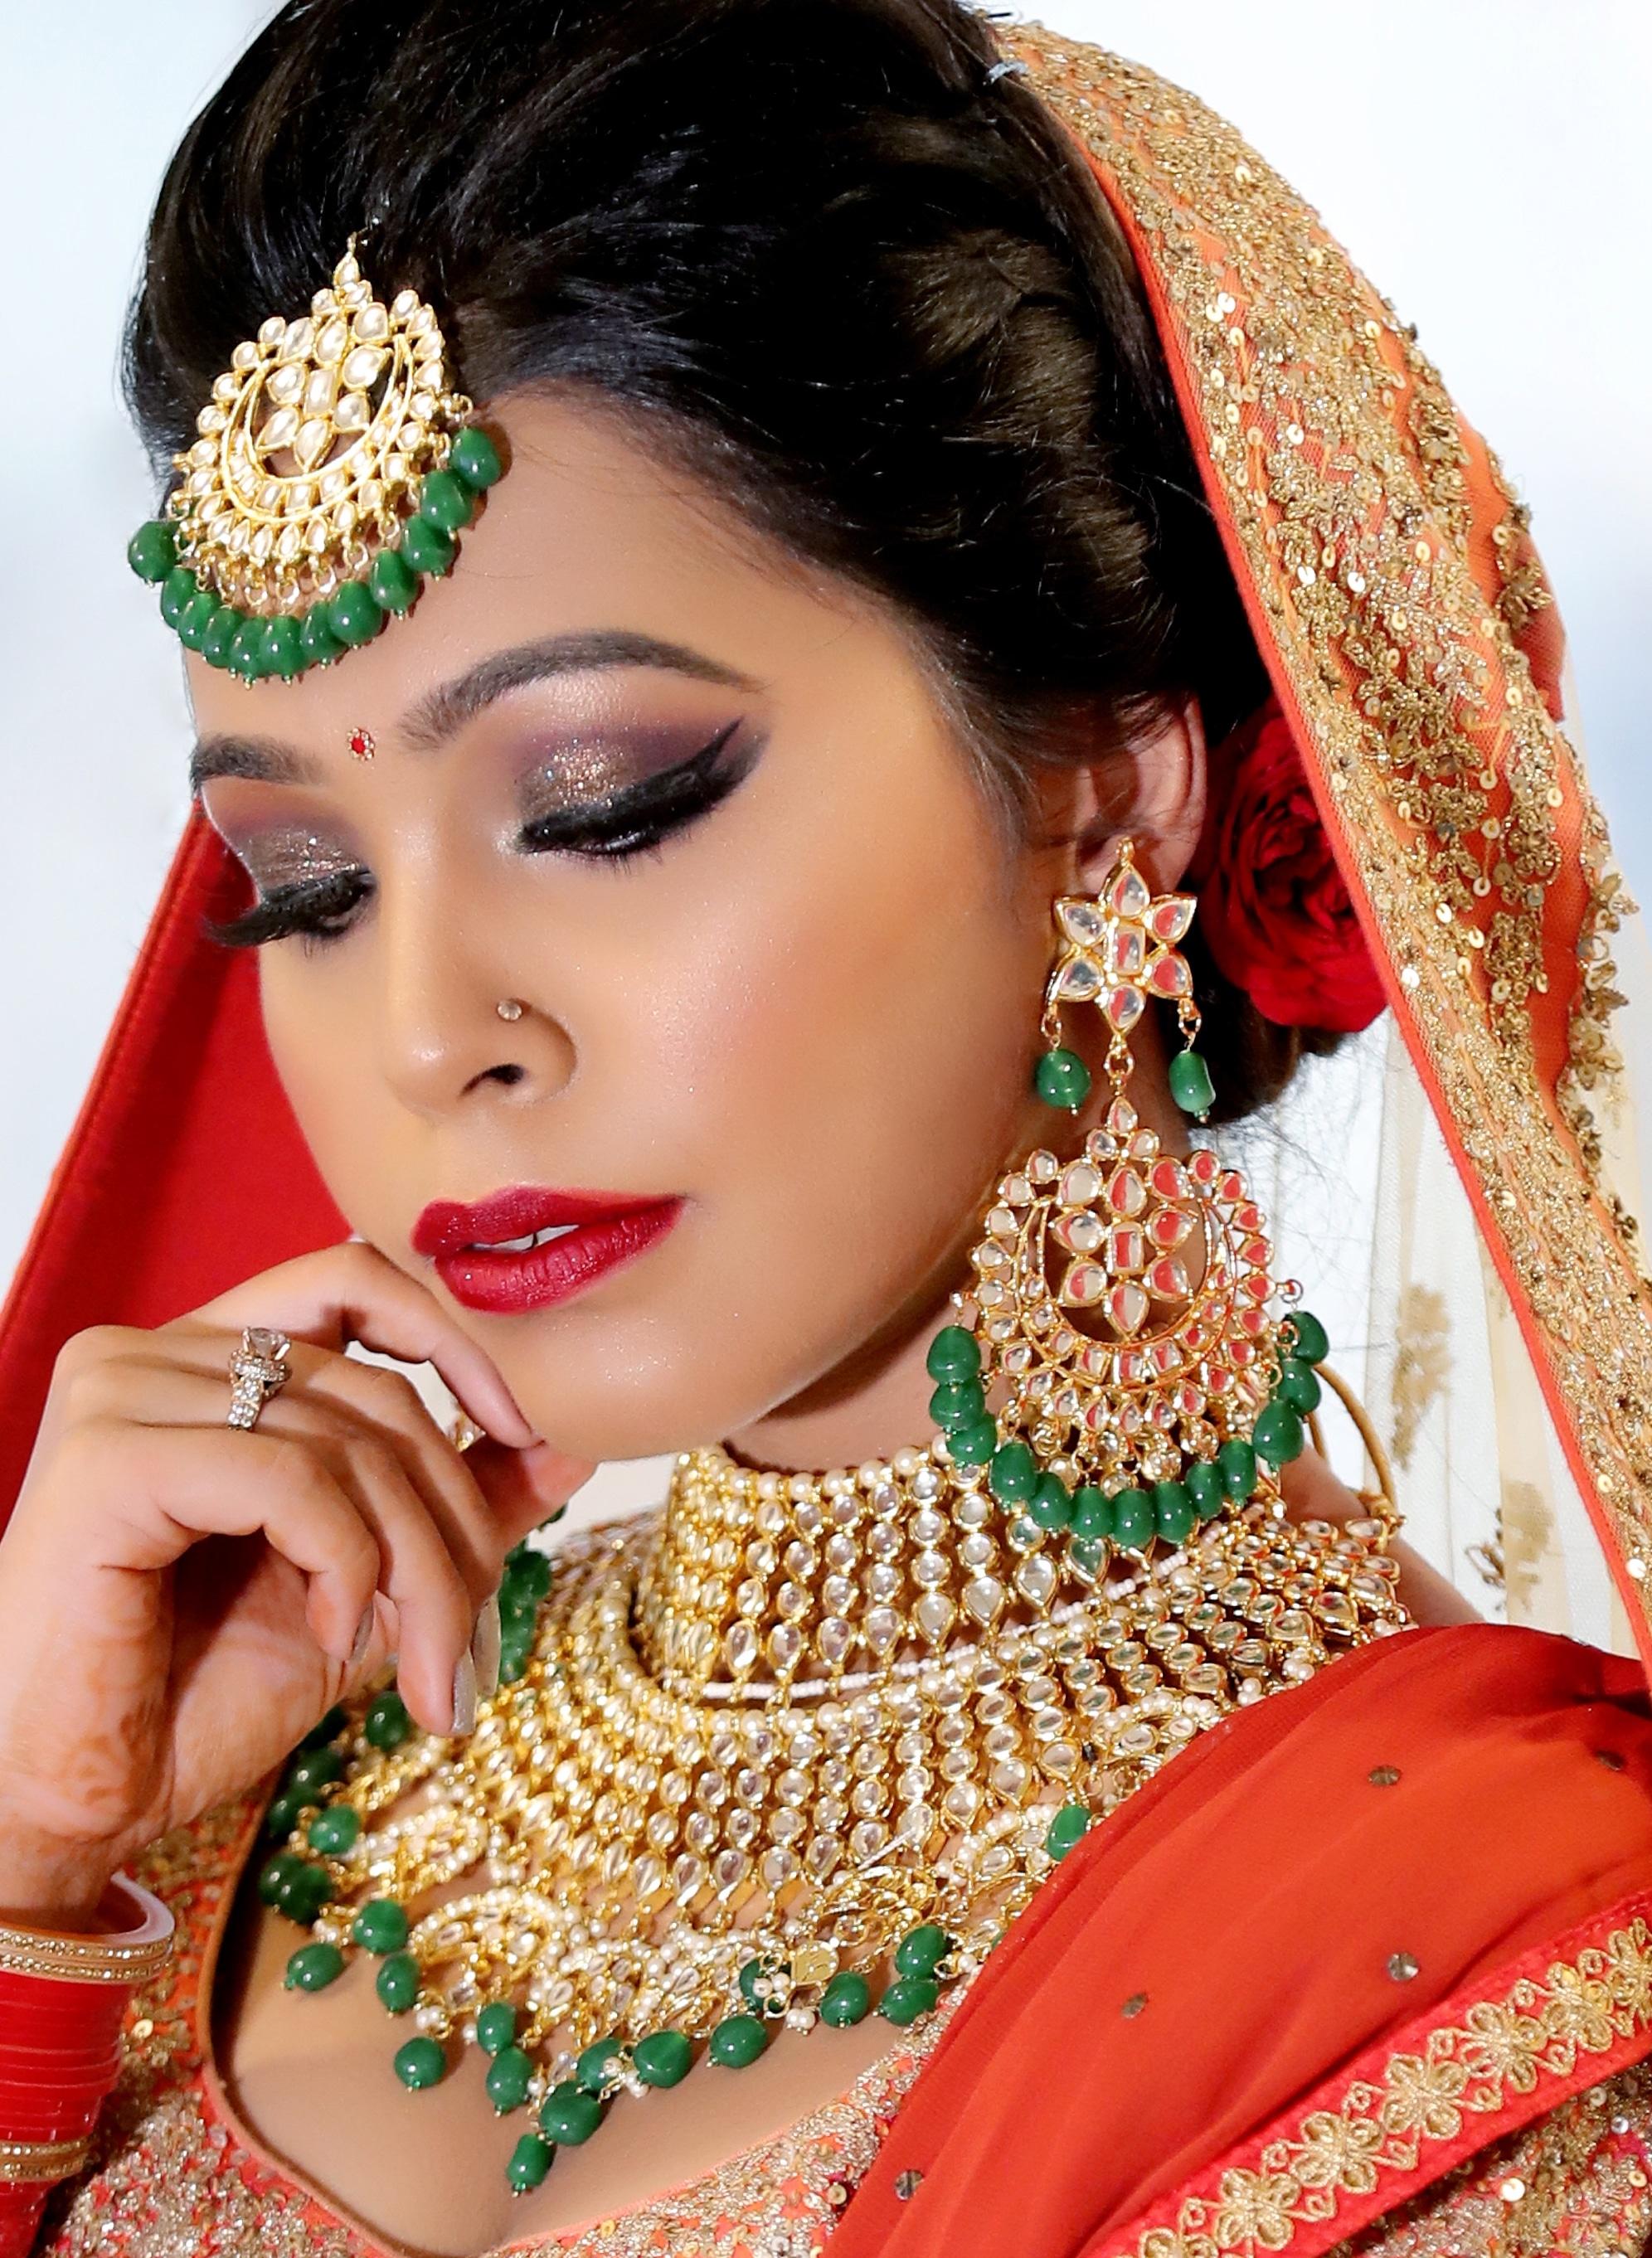 anupma-sharma-makeup-artist-delhi-ncr